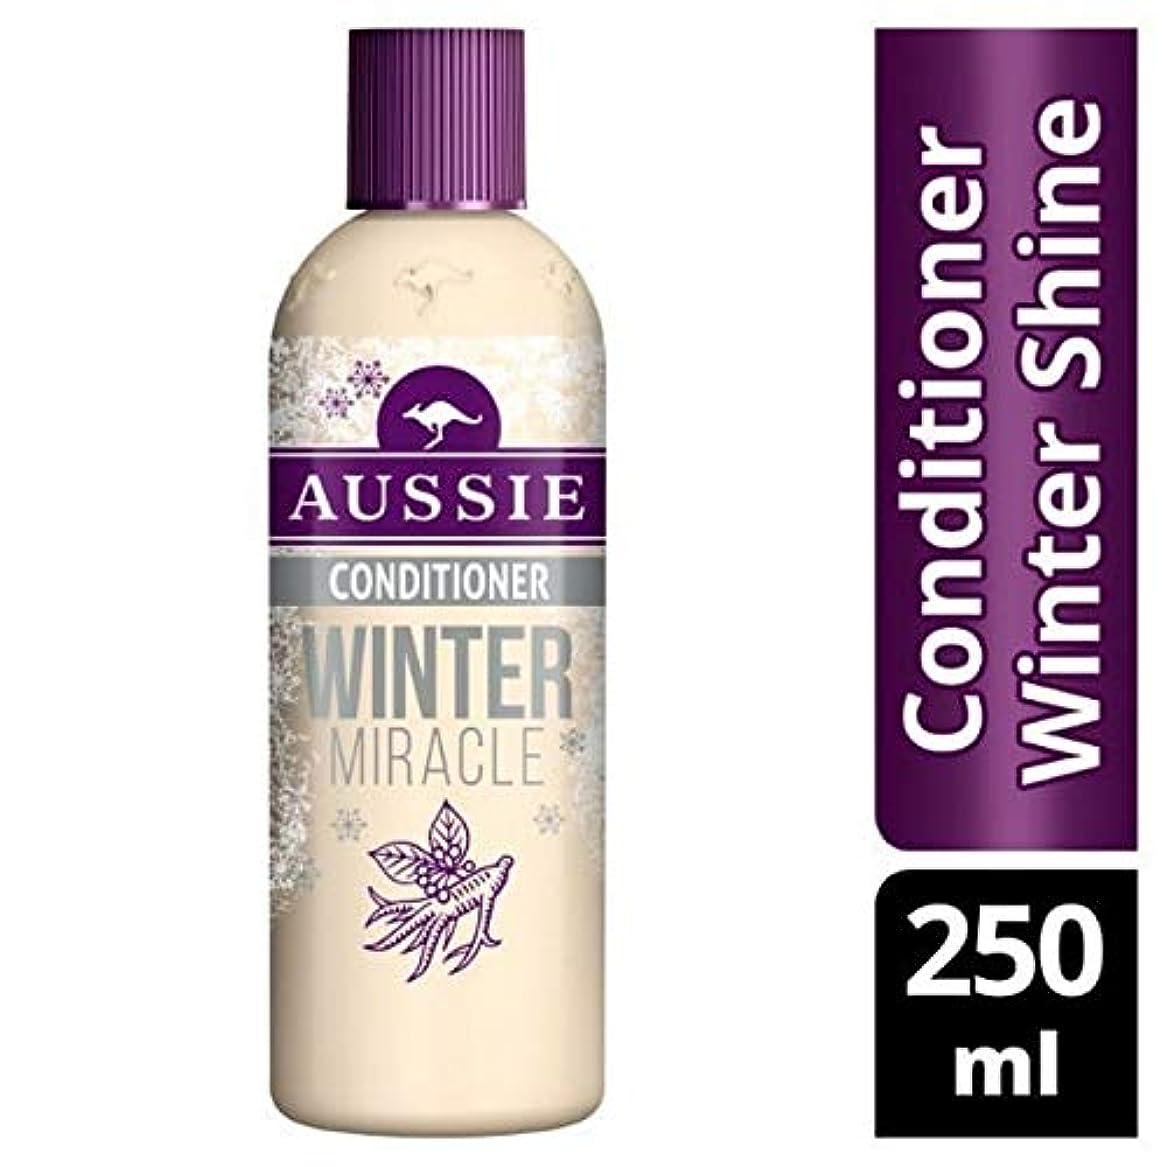 毛布ギャラントリー貼り直す[Aussie ] 鈍い、疲れた髪の250ミリリットルのためのオーストラリアコンディショナー冬の奇跡 - Aussie Conditioner Winter Miracle For Dull, Tired Hair 250ml [並行輸入品]